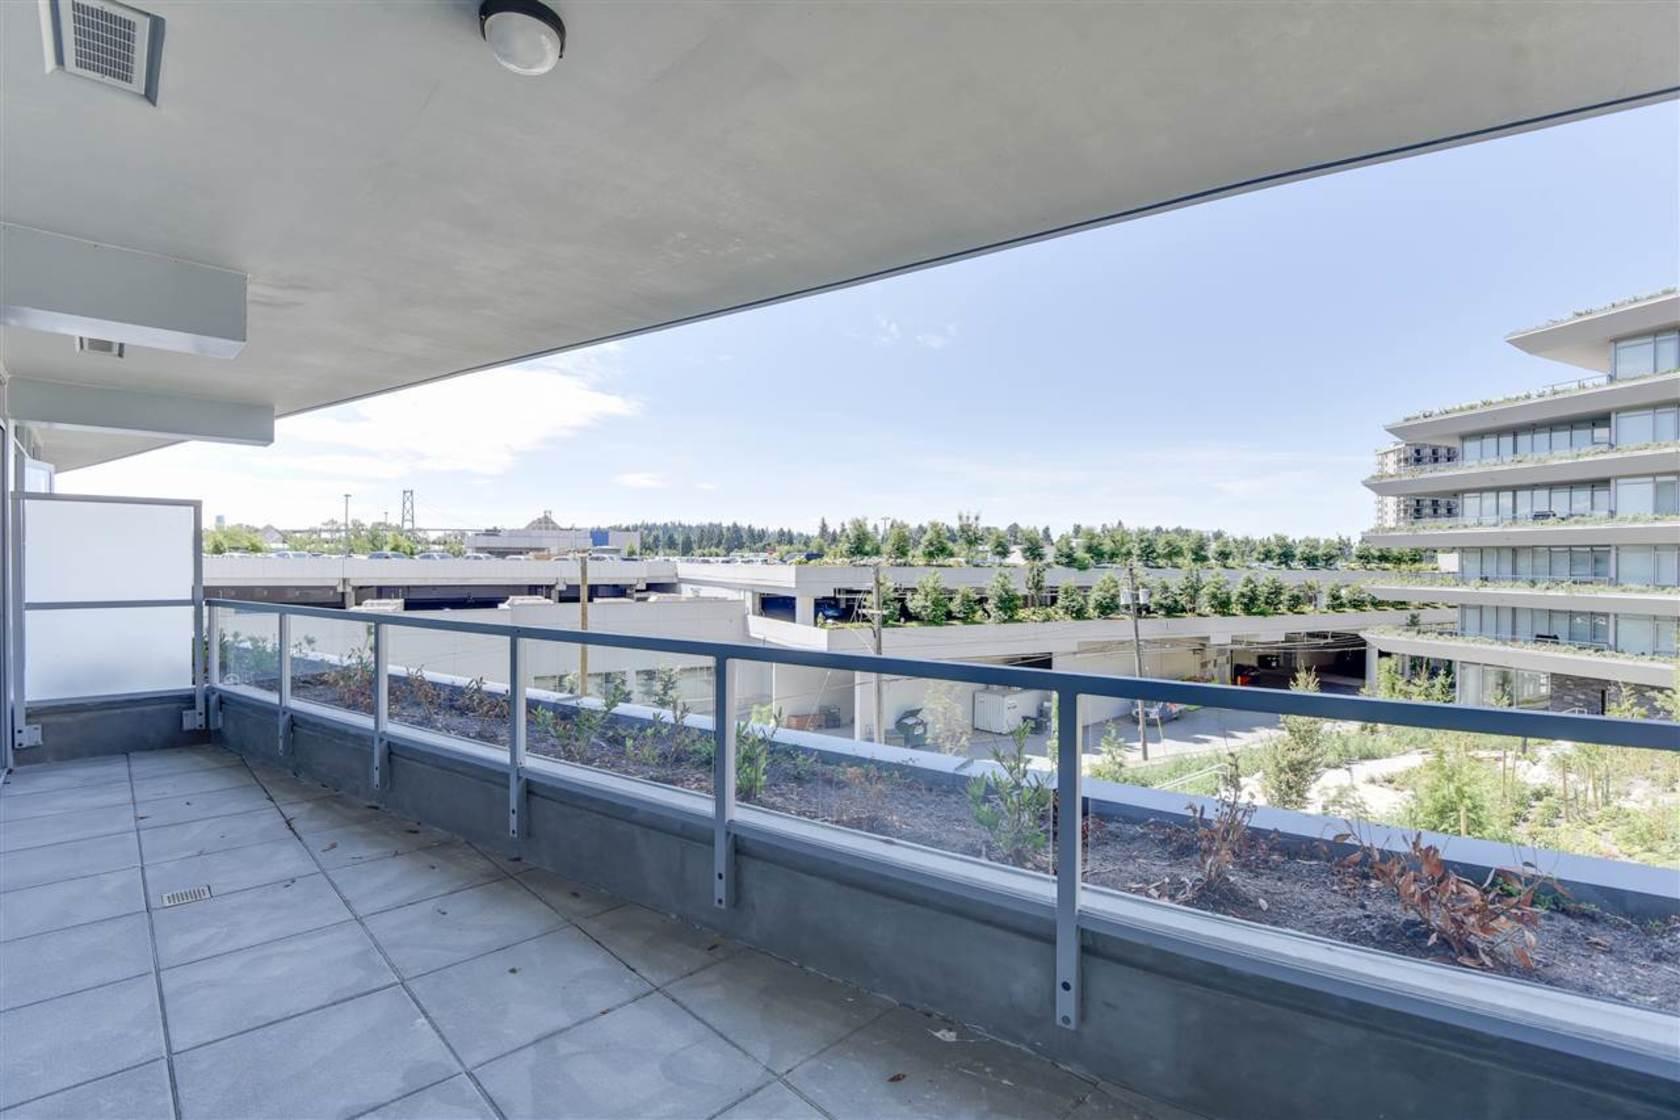 768-arthur-erickson-place-park-royal-west-vancouver-11 at 204 - 768 Arthur Erickson Place, Park Royal, West Vancouver